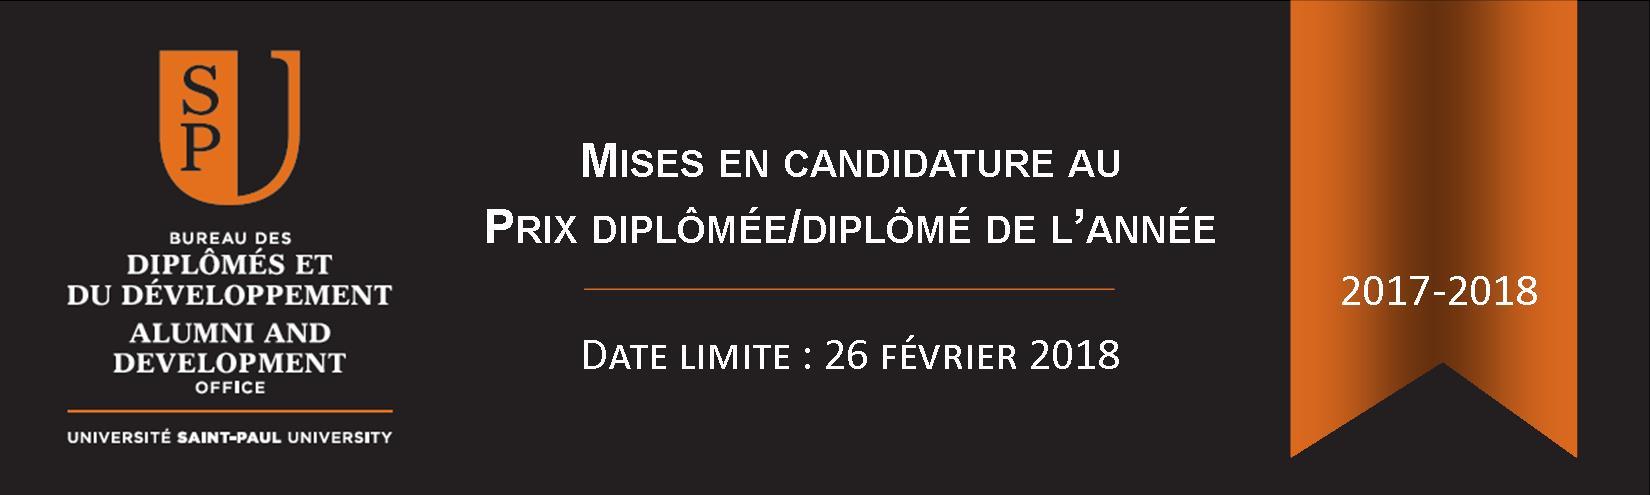 Mises en candidature au Prix diplômée/diplômé de l'année 2017-2018